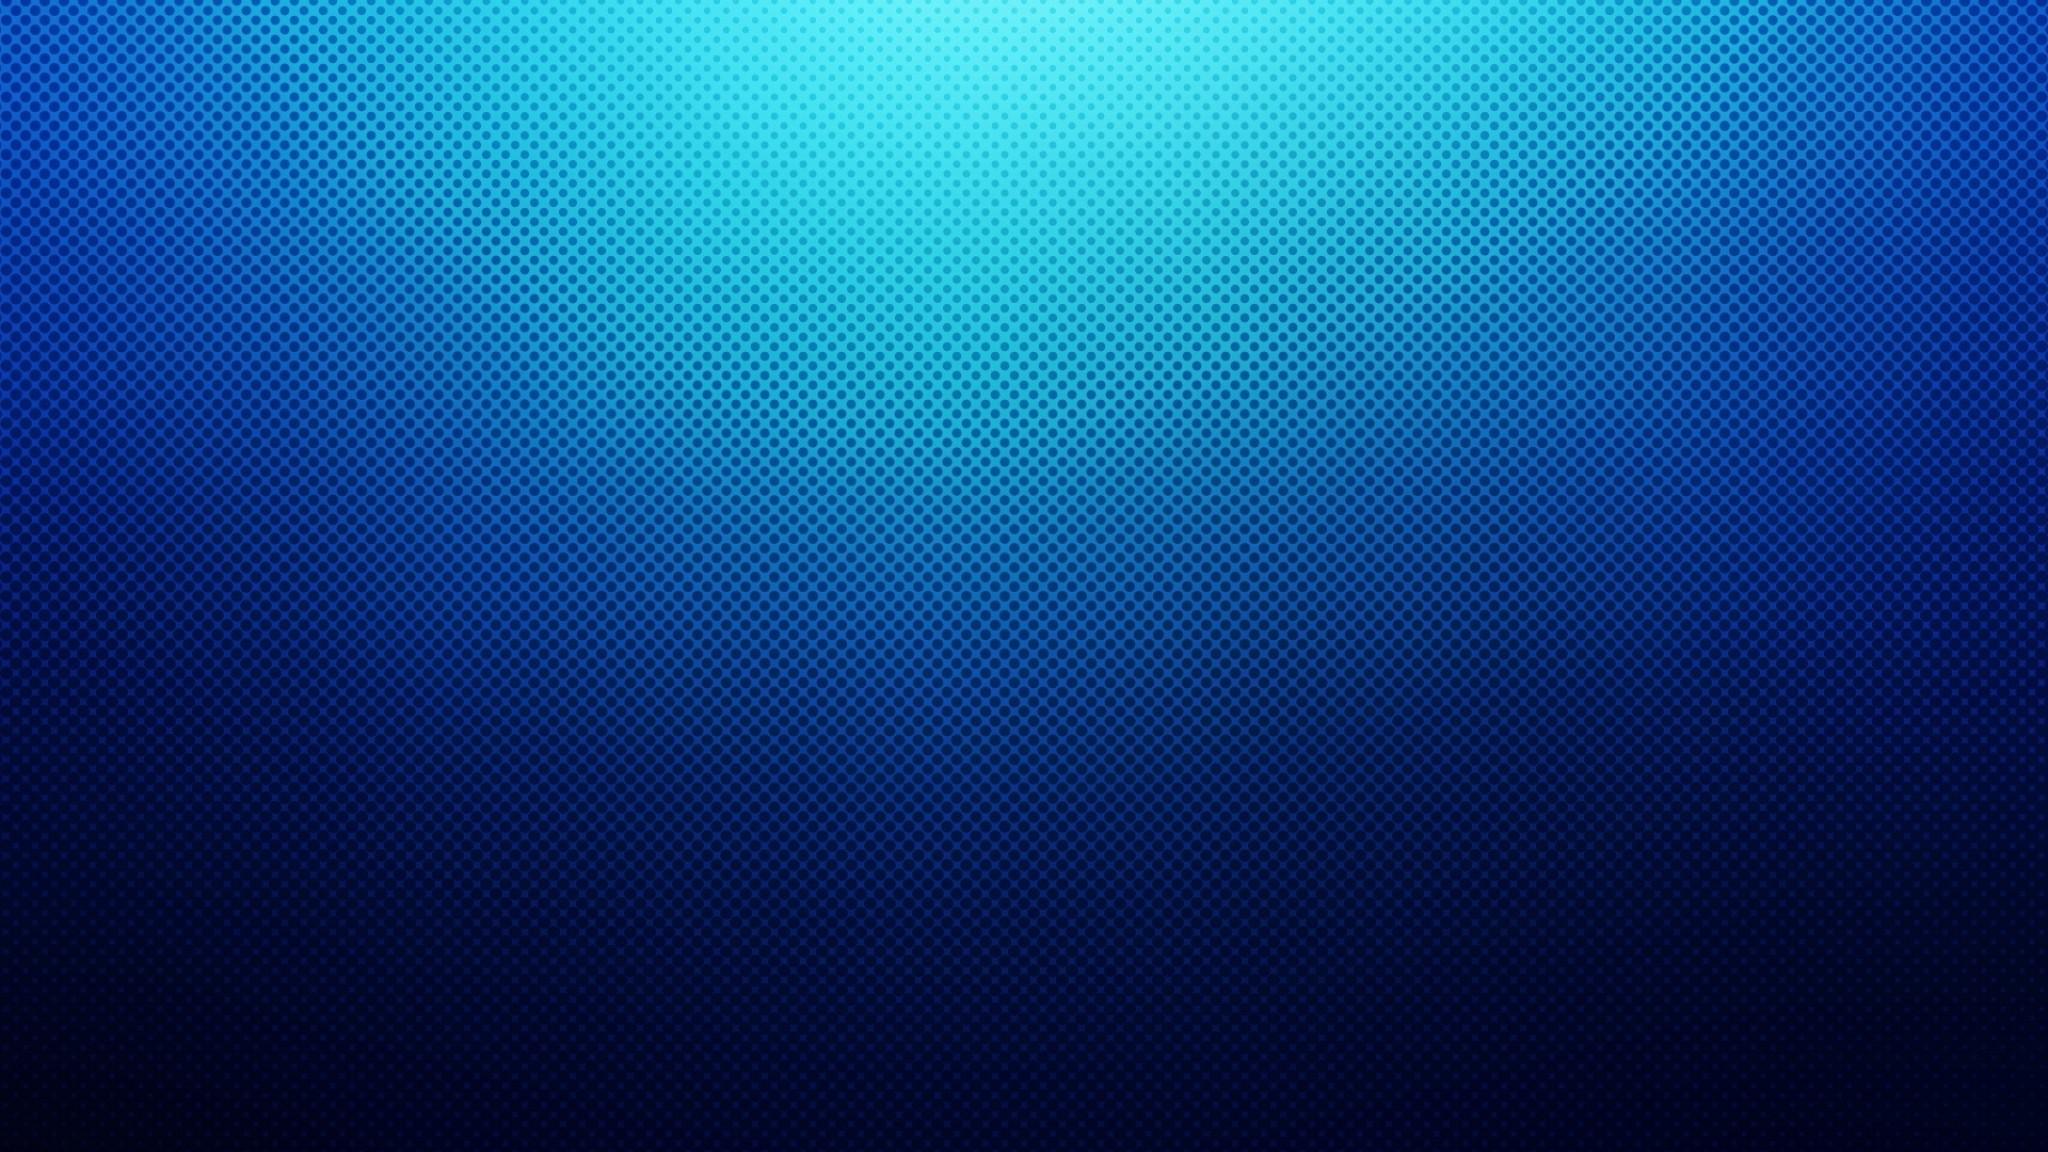 2048 x 1152 pixels wallpaper 90 images for 2048x1152 wallpaper